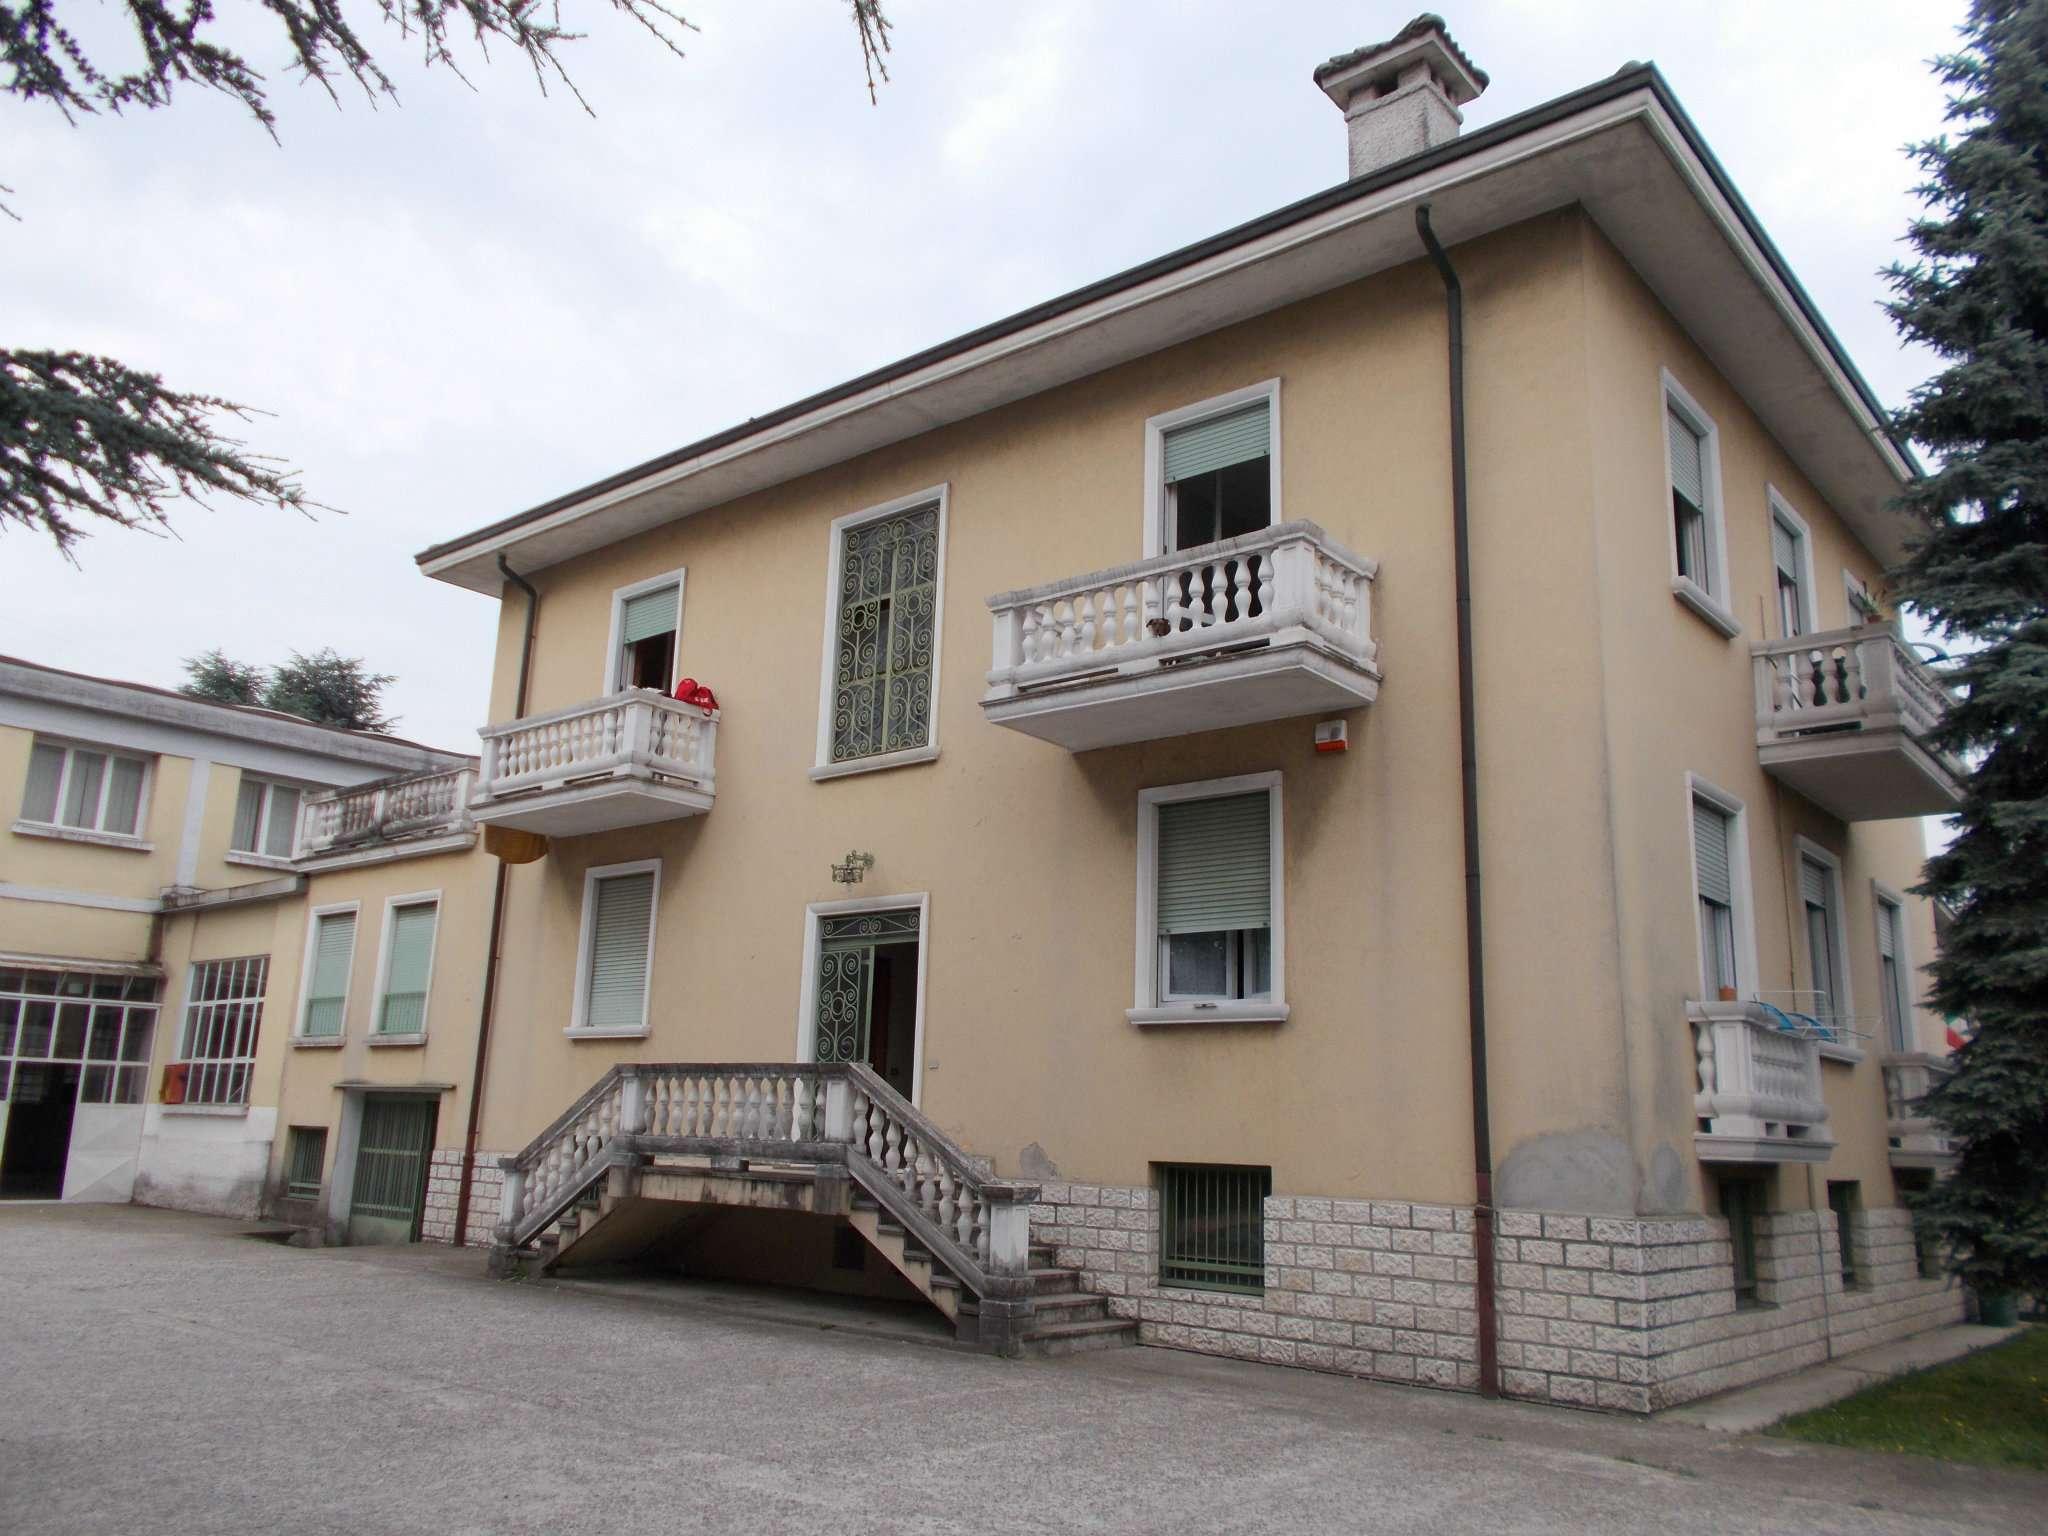 Capannone in vendita a Cavenago di Brianza, 1 locali, prezzo € 600.000 | CambioCasa.it